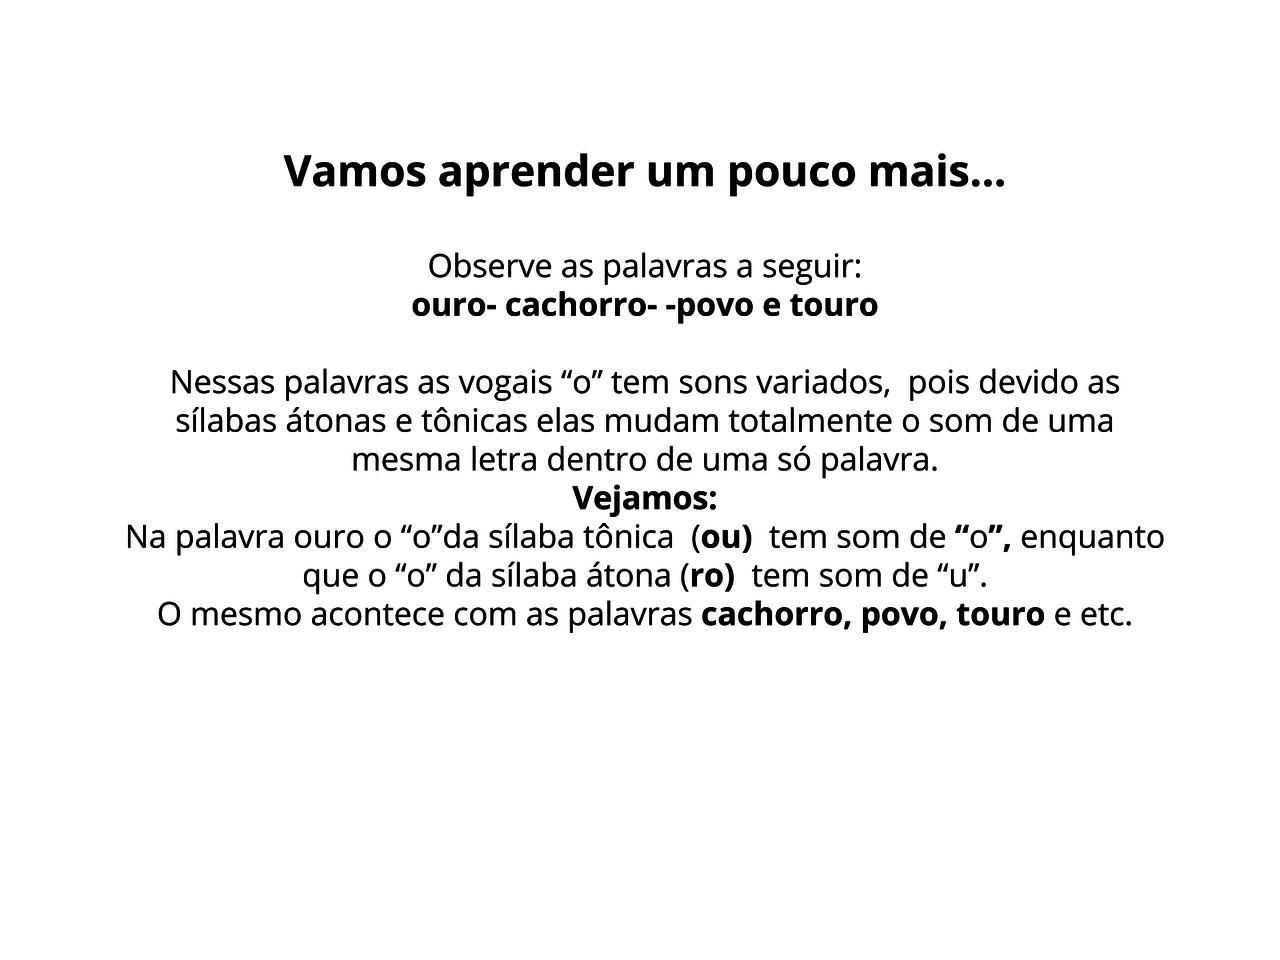 O Emprego Do O Ou U Planos De Aula 5º Ano Língua Portuguesa